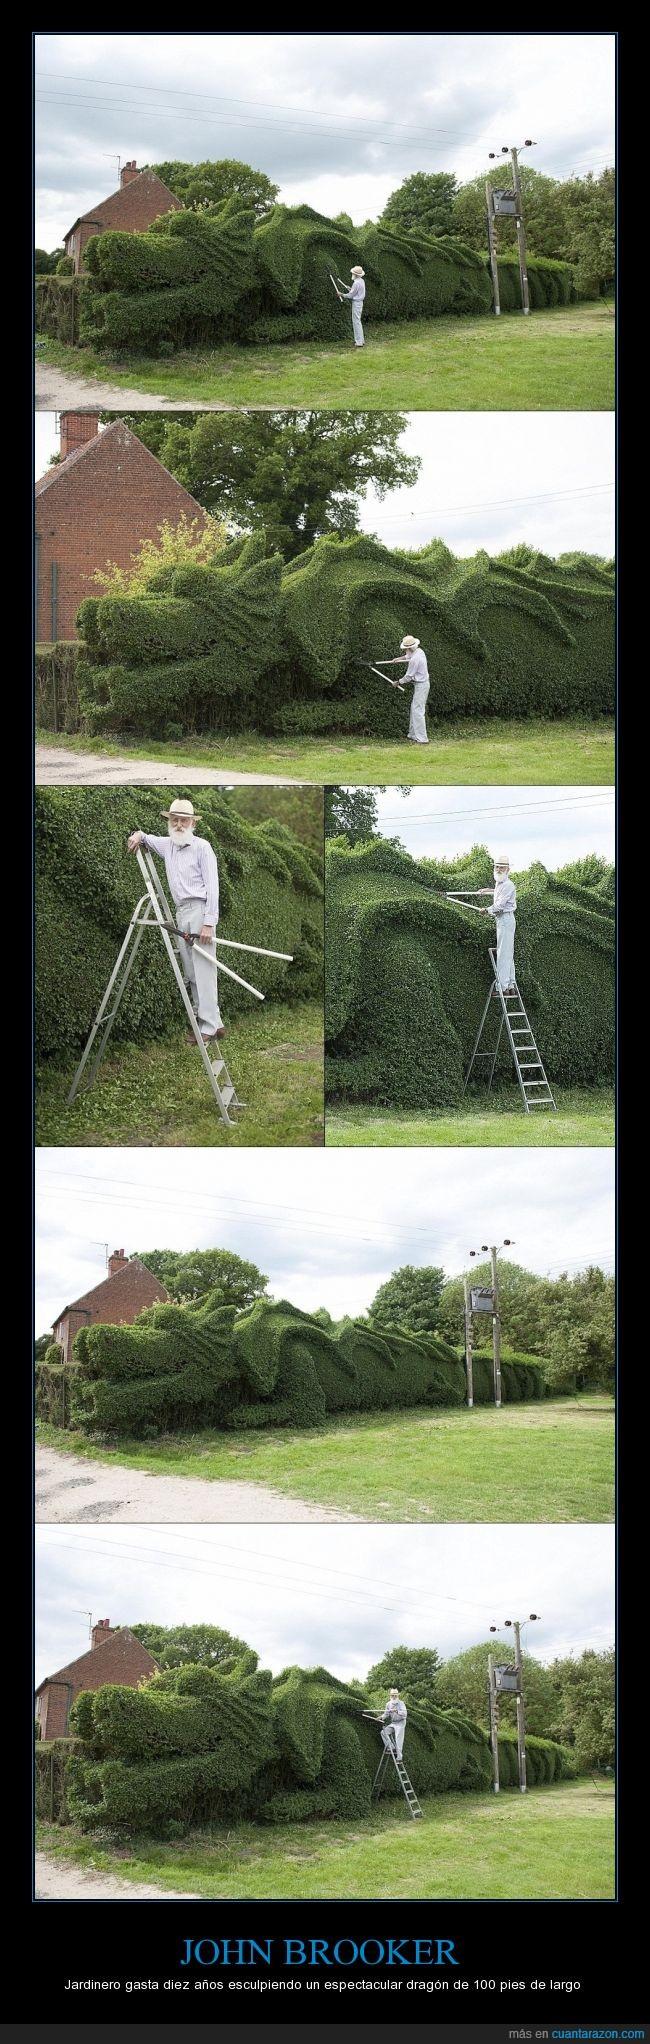 dragón,escultura,Frizzleton Granja,jardinero,JOHN BROOKER,Lynn del Rey,Norfolk